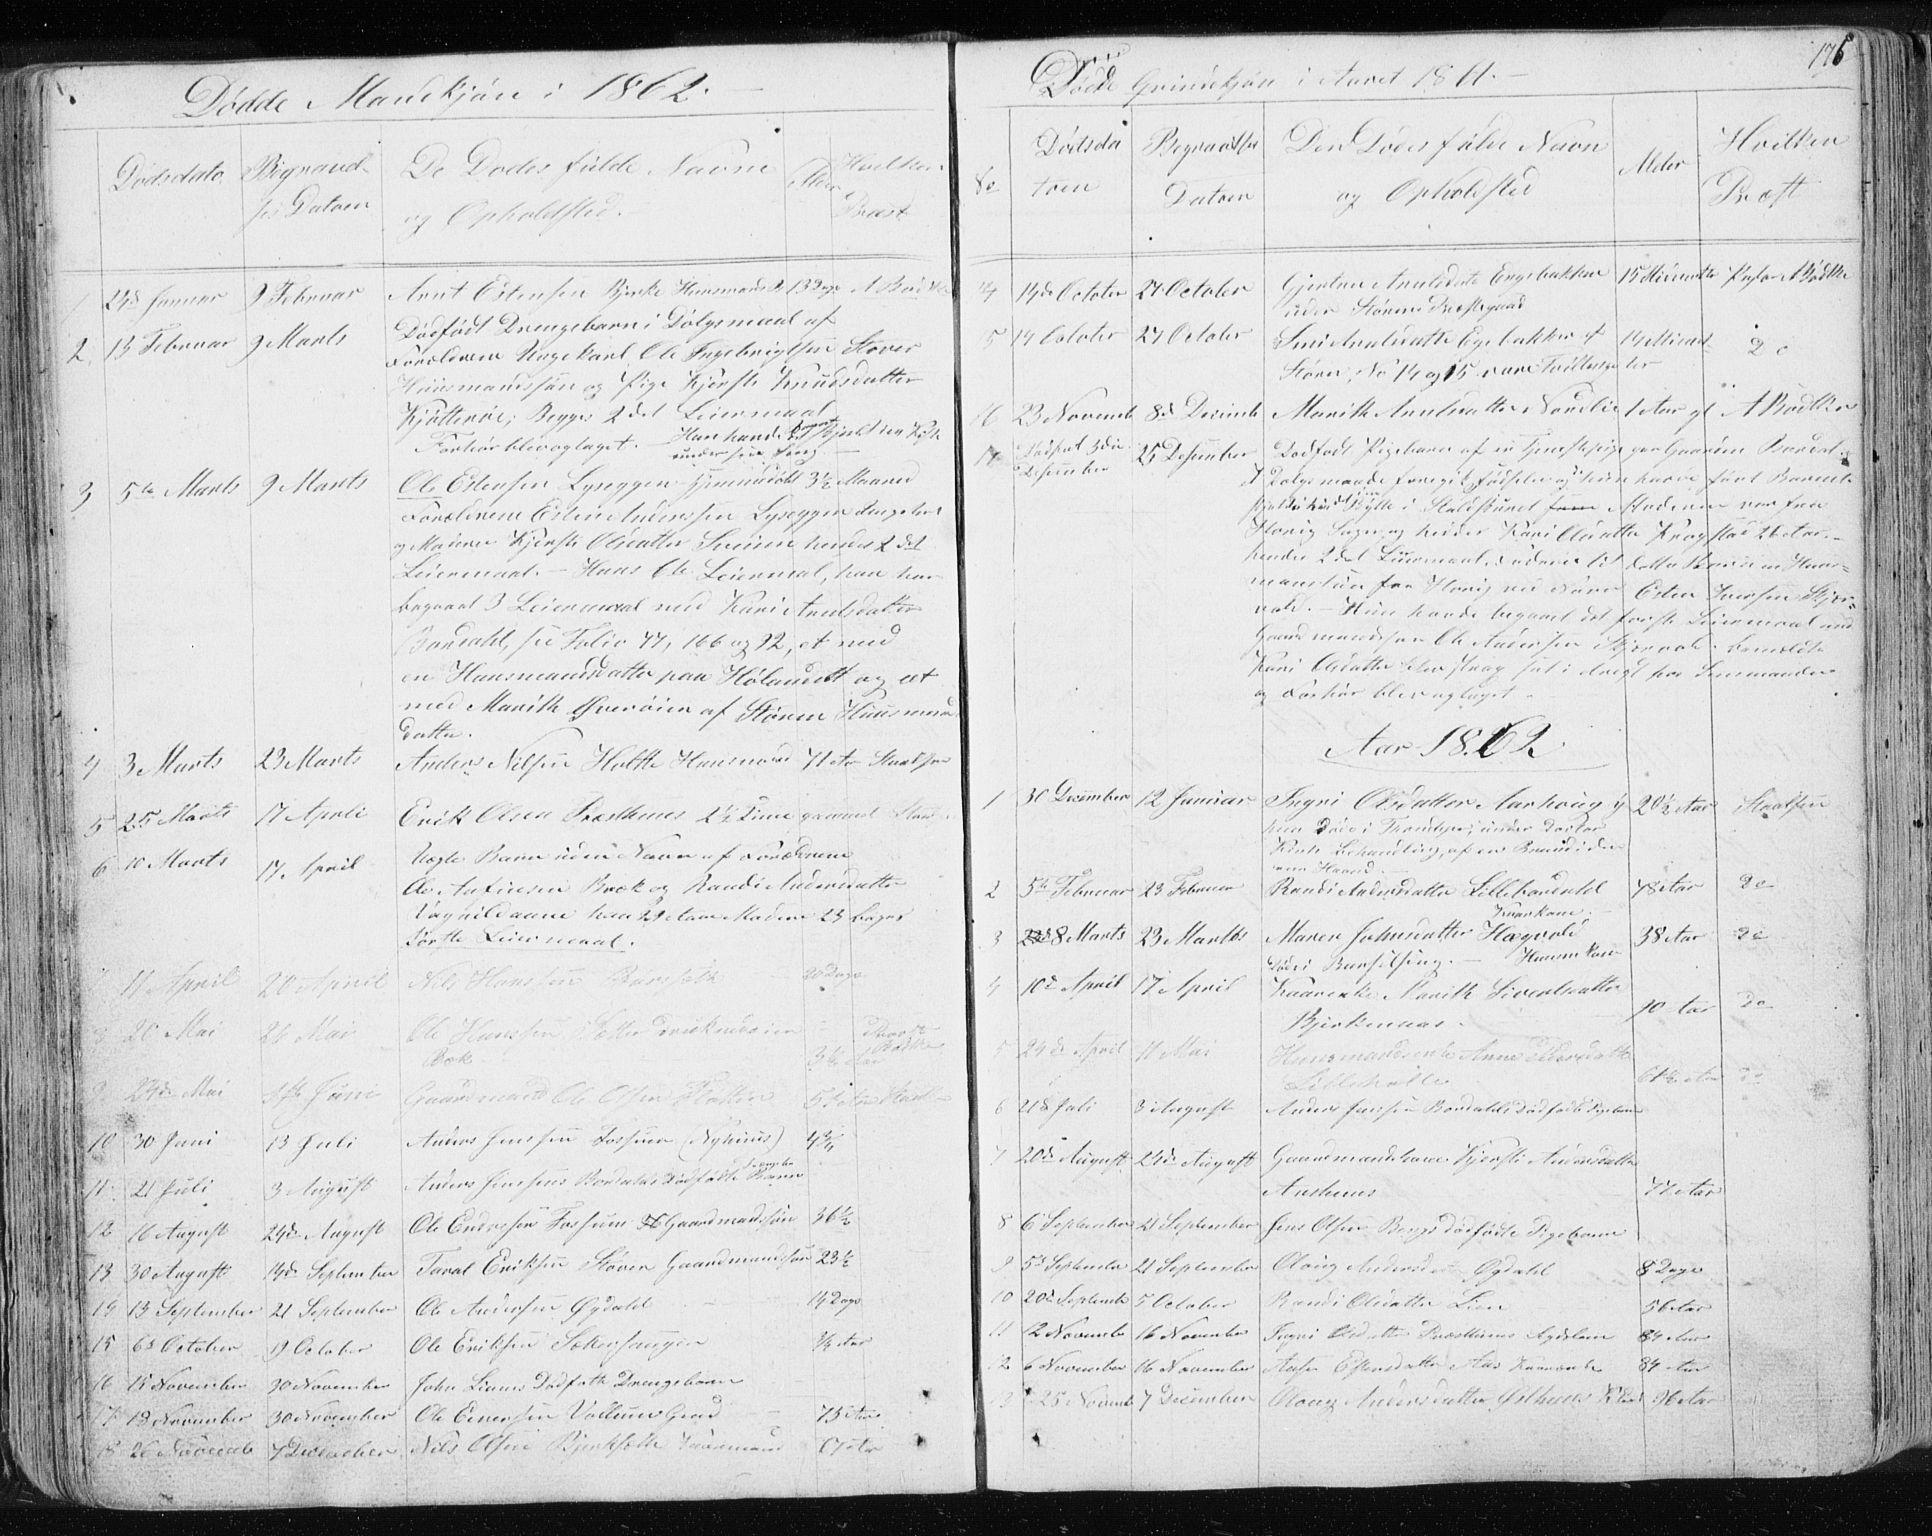 SAT, Ministerialprotokoller, klokkerbøker og fødselsregistre - Sør-Trøndelag, 689/L1043: Klokkerbok nr. 689C02, 1816-1892, s. 175